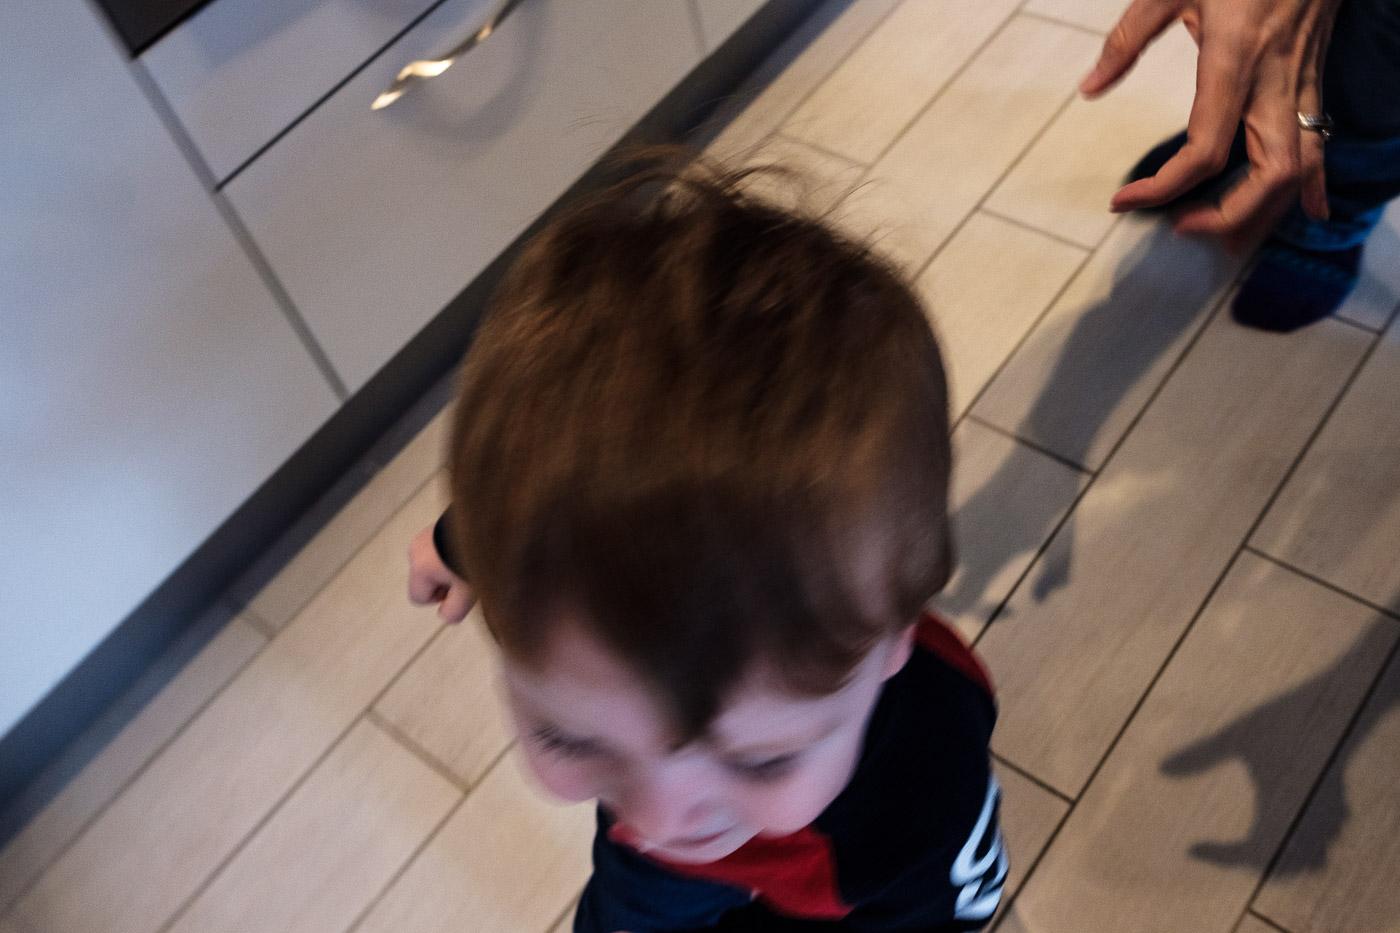 Boy running through the kitchen with hands behind him.